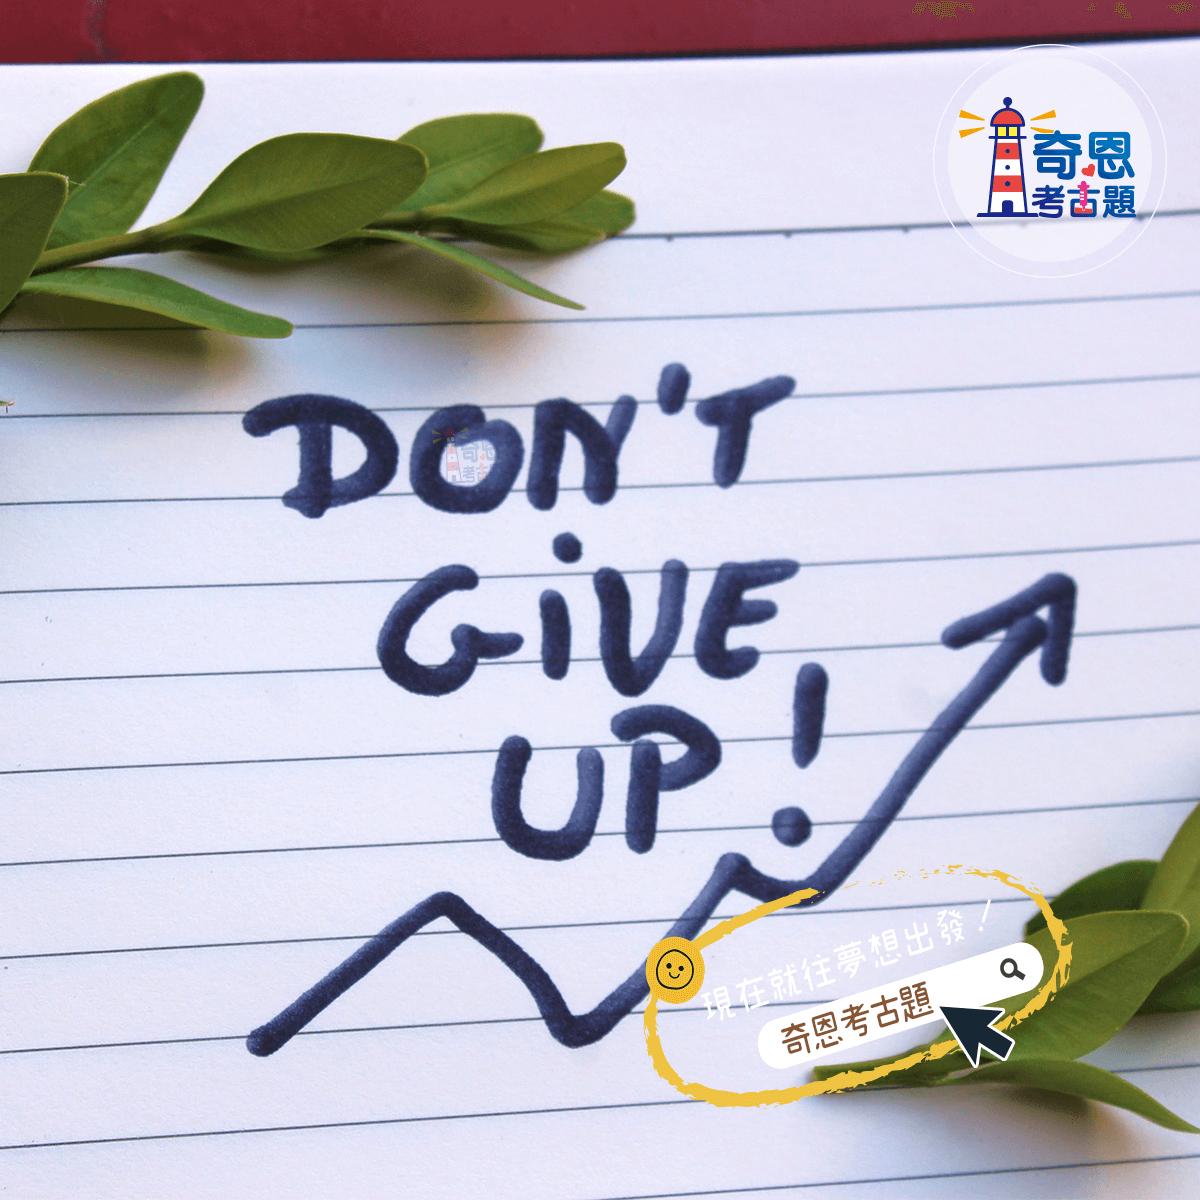 請不要放棄每一點變好的努力